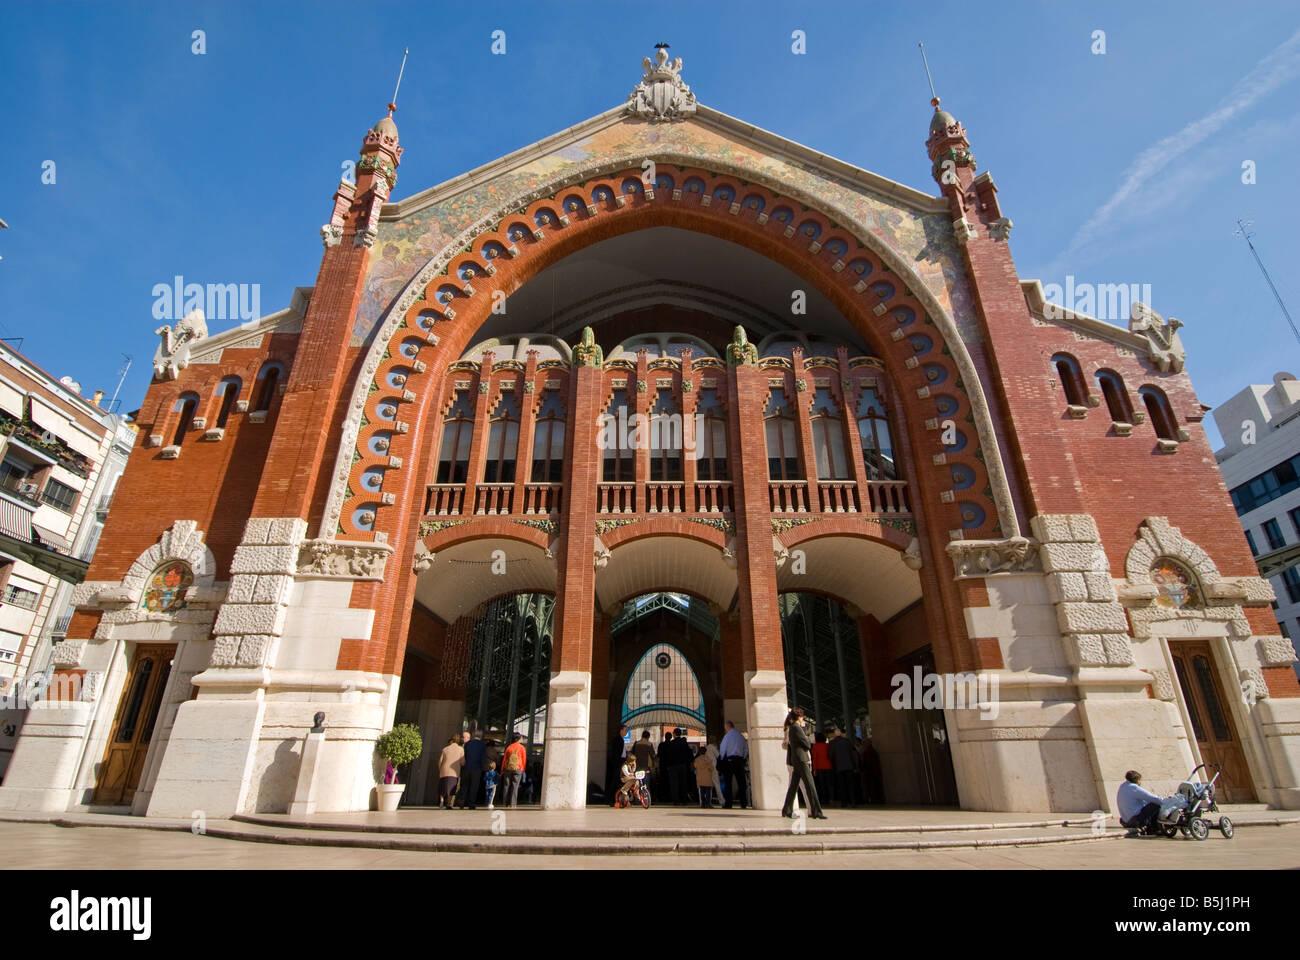 Entrance to the former market hall Mercado de Colón in the city of Valencia Spain - Stock Image